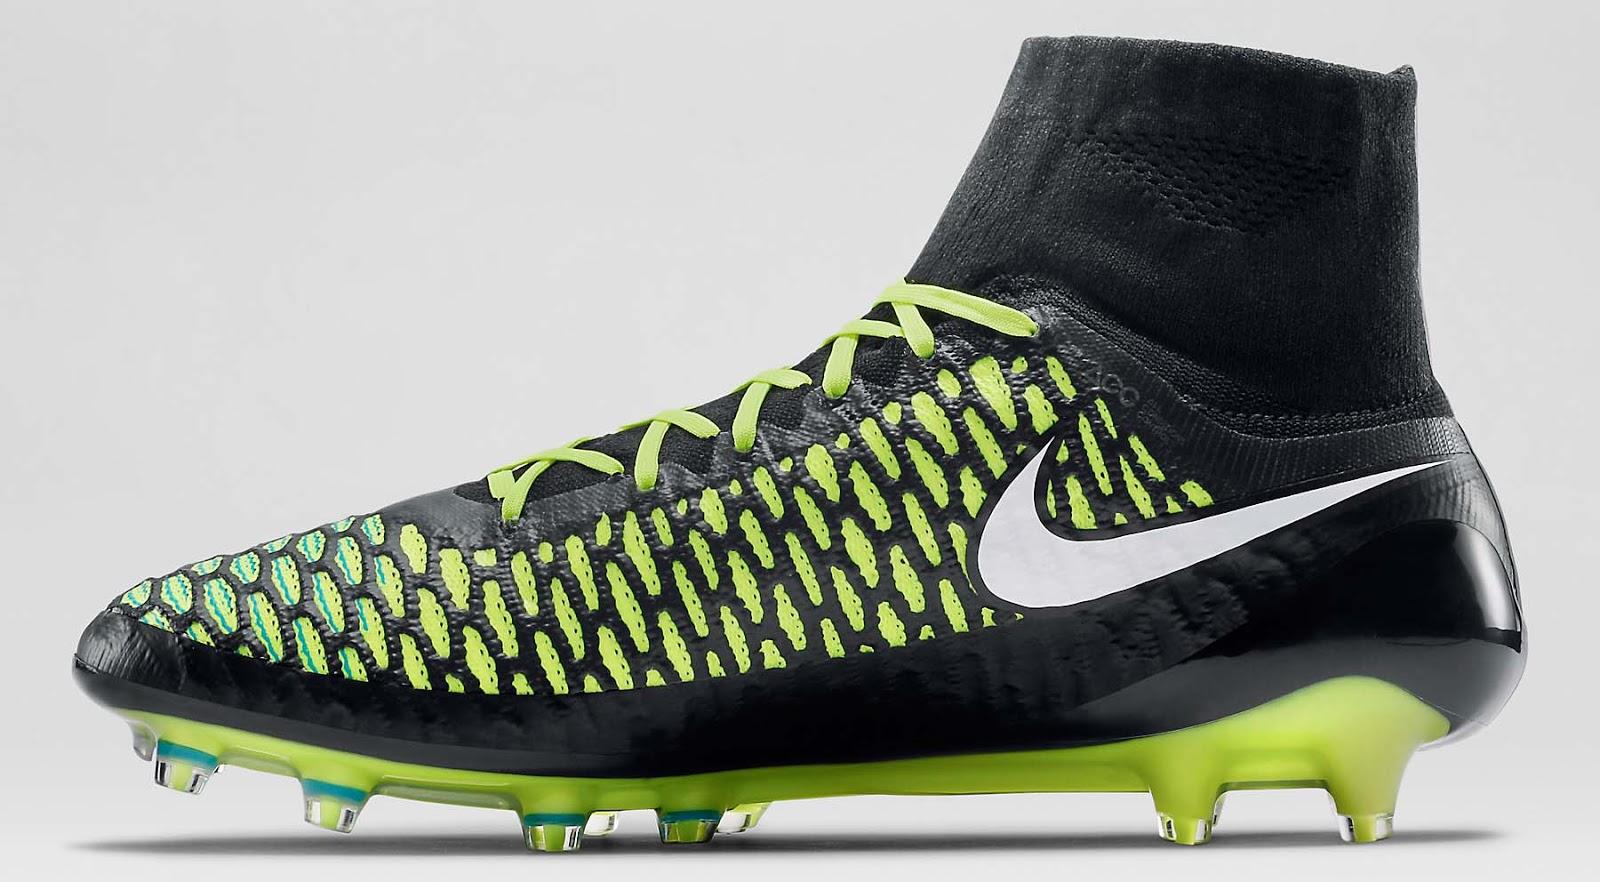 Black Volt Blue Nike Magista Obra 2015 Boots Released